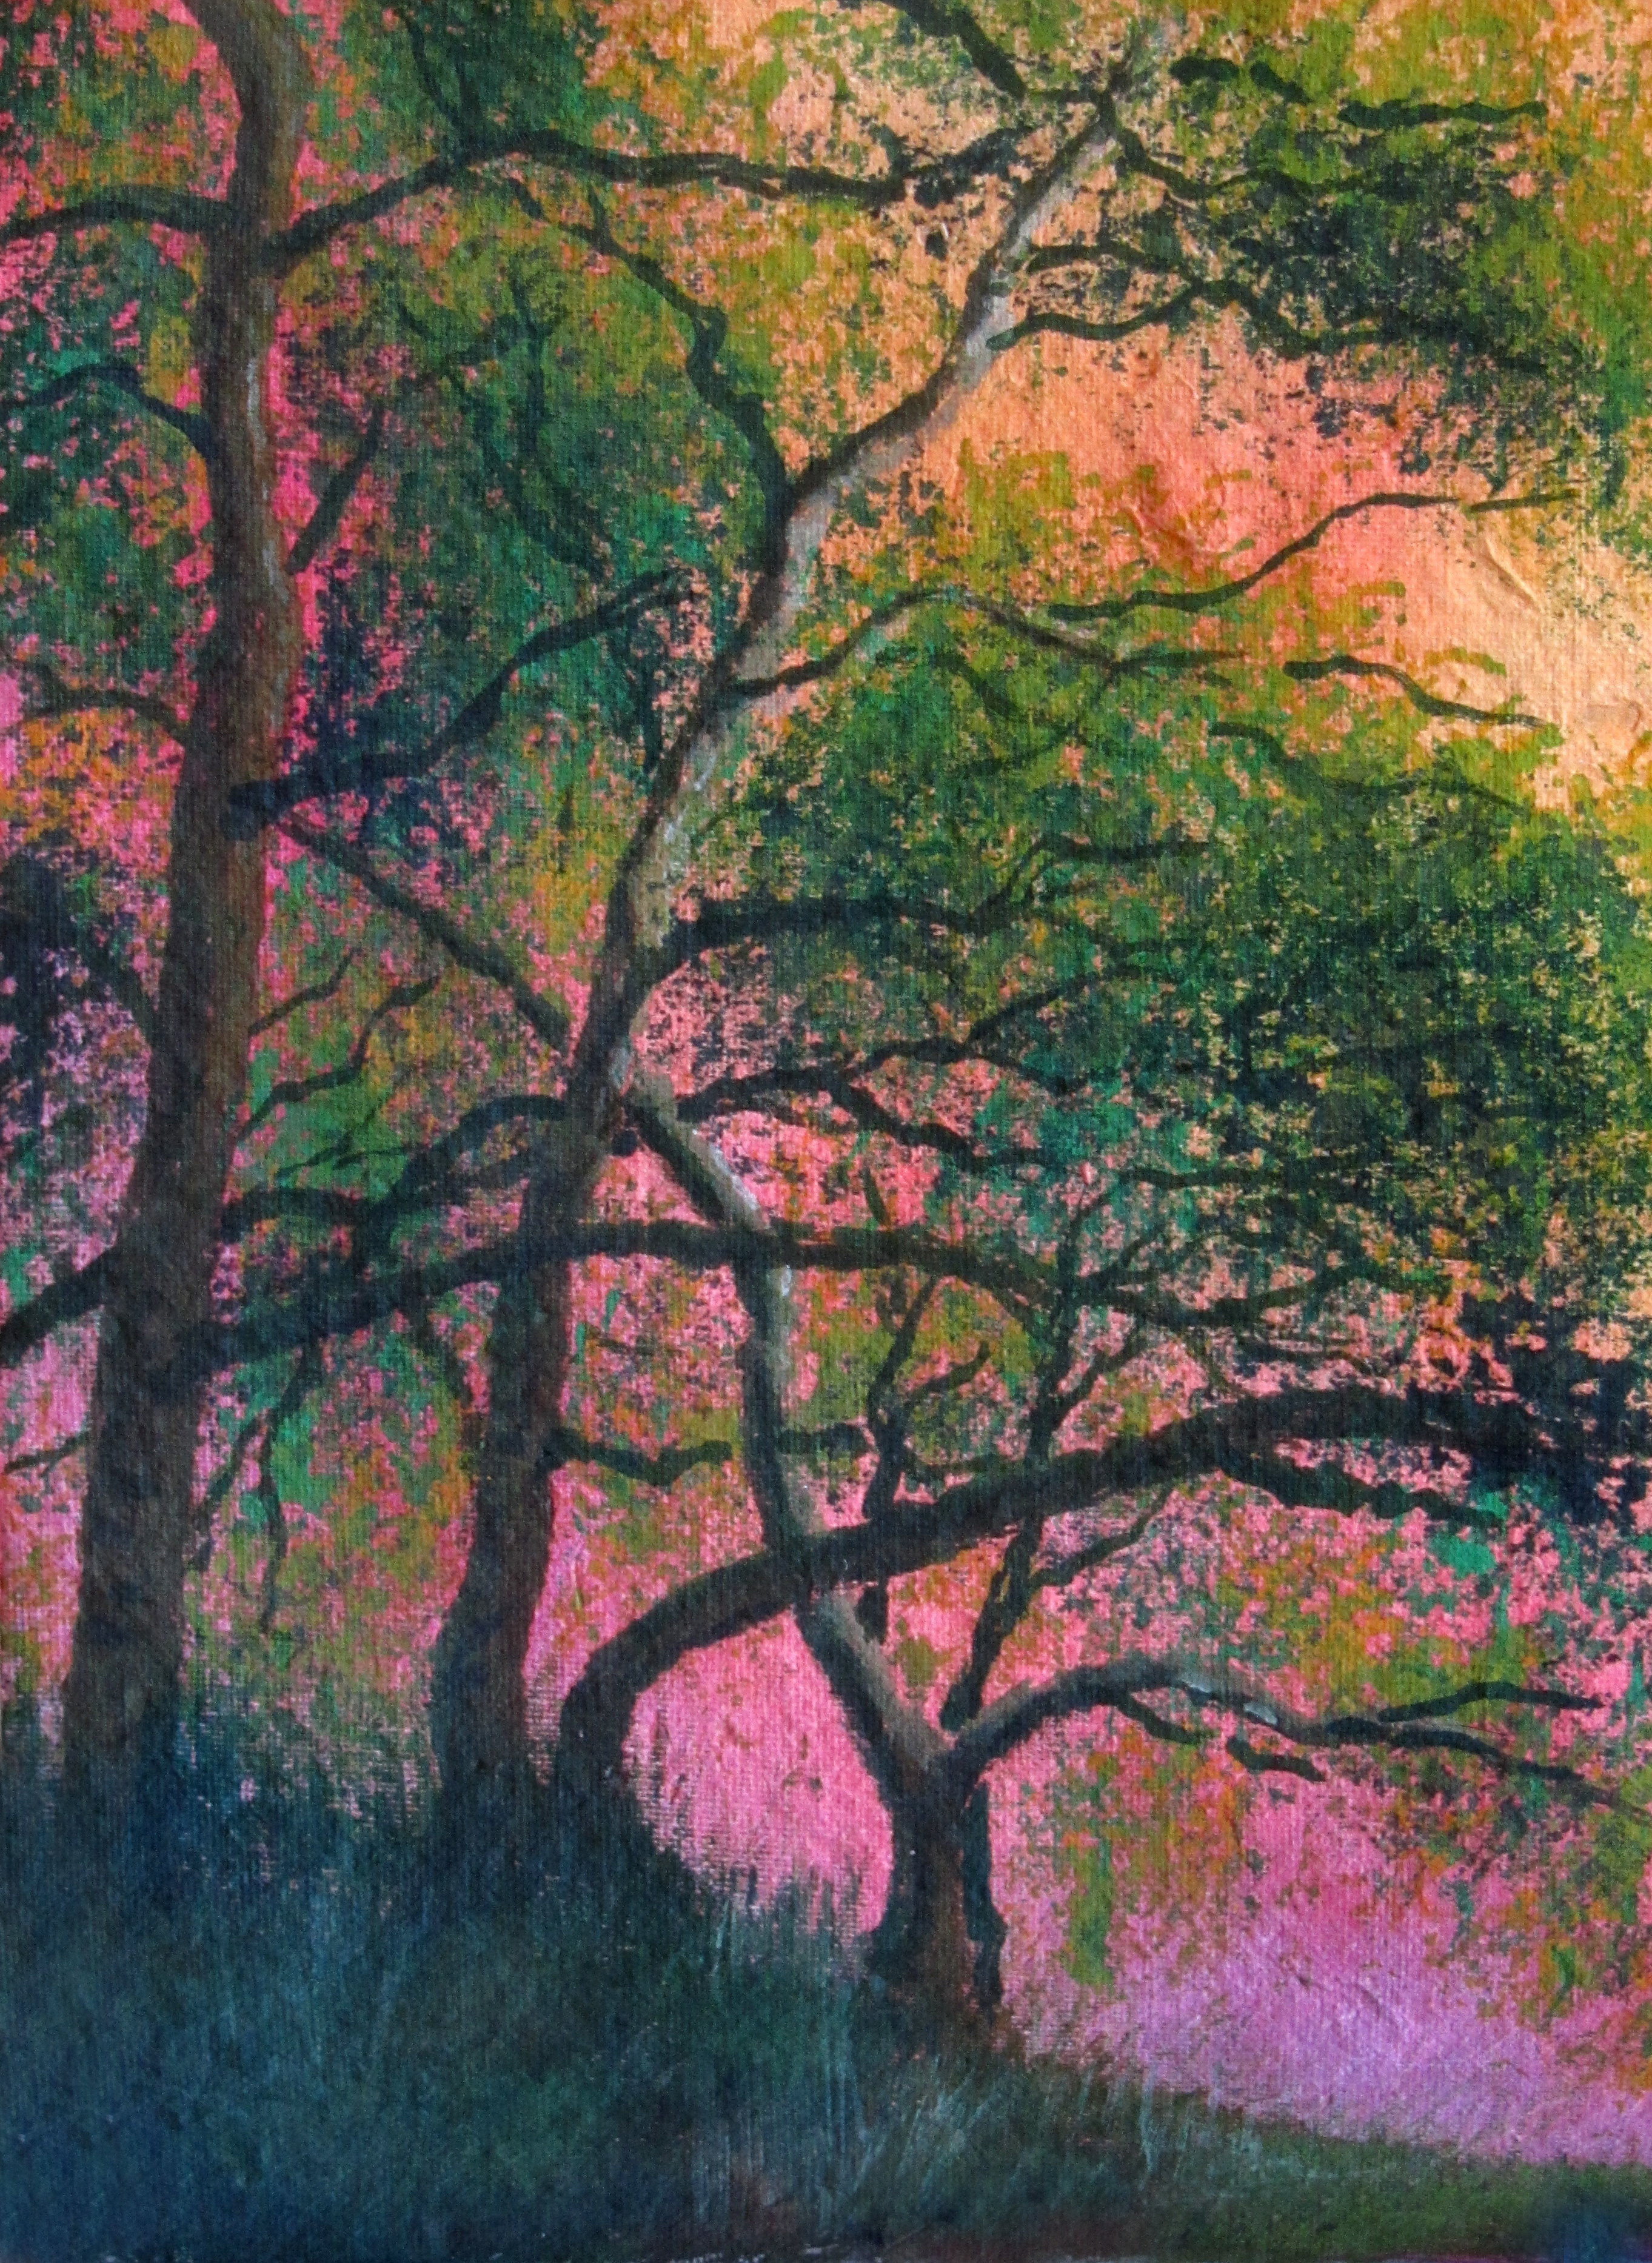 Arne, sunlight through oaks